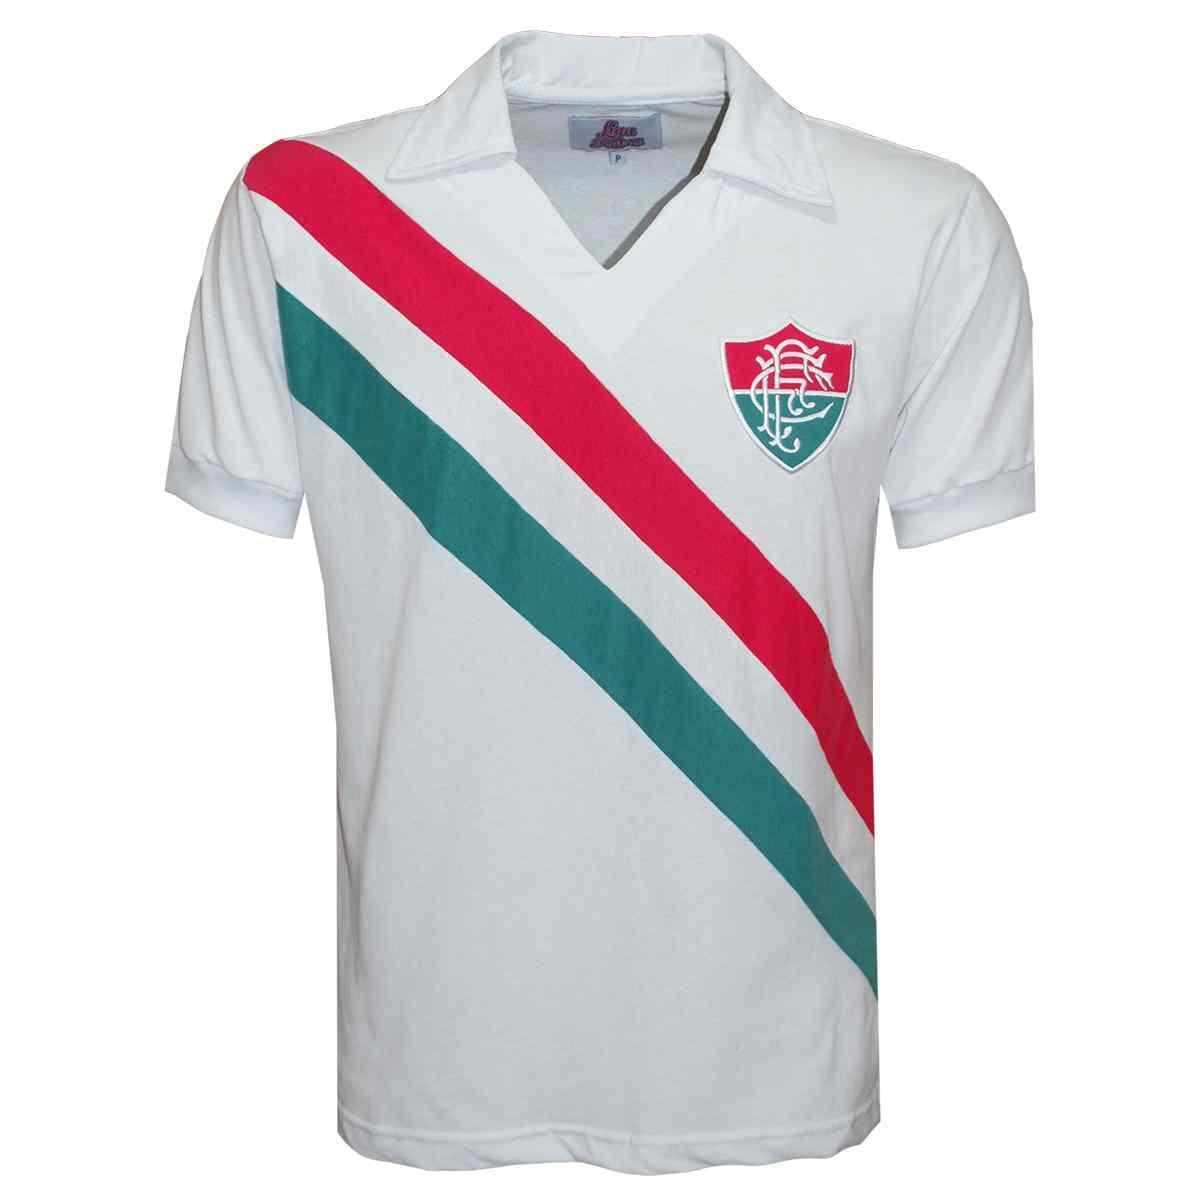 Camisa Fluminense 69 Liga Retrô  Infantil, Feminina e Masculina